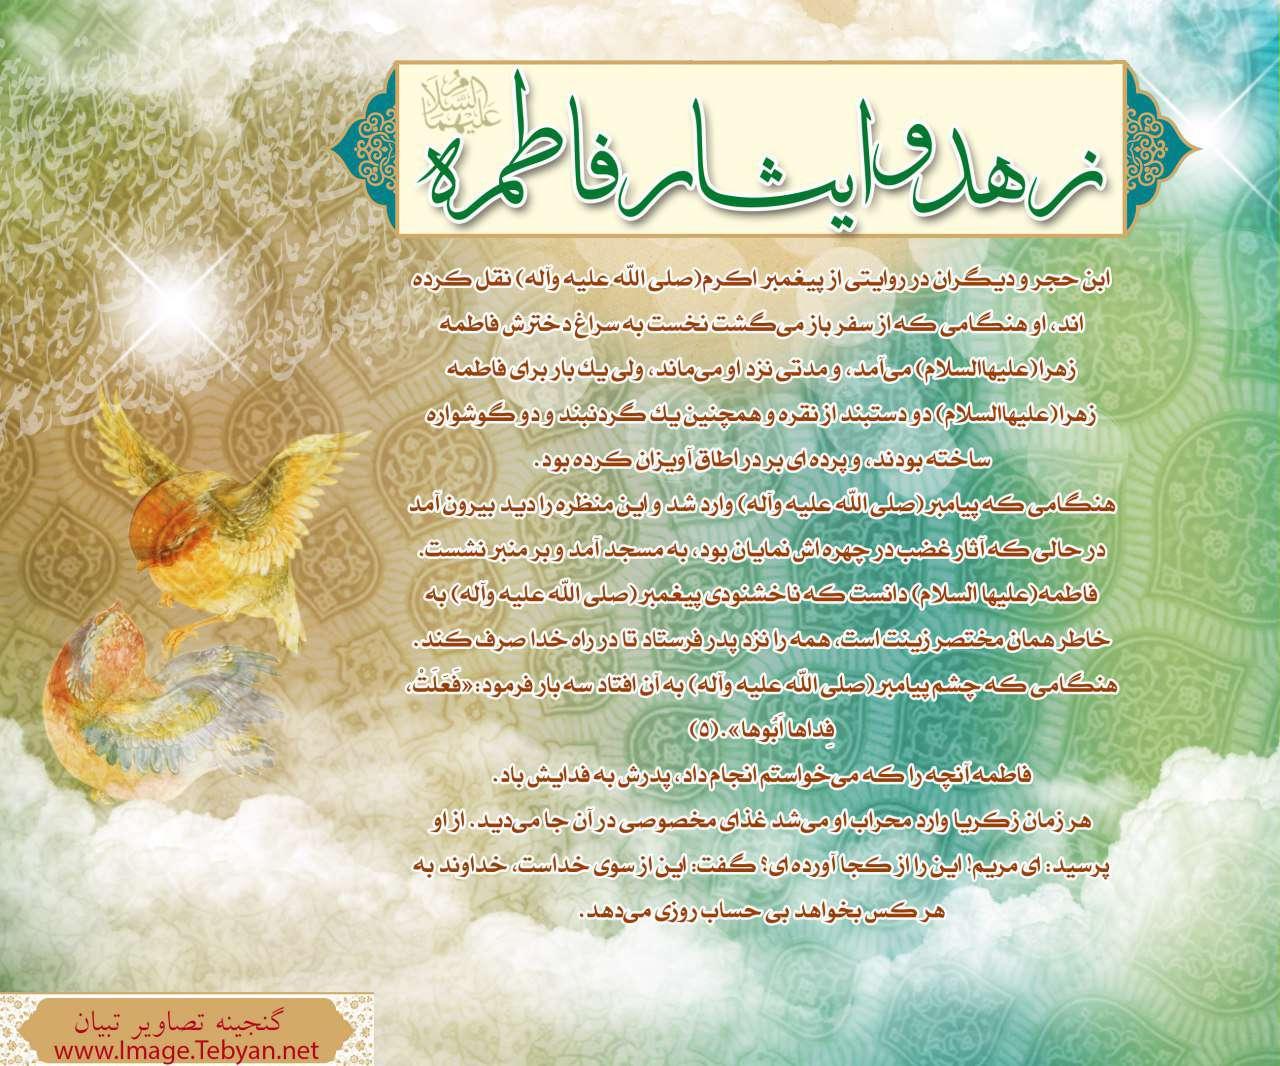 زهد و ایثار حضرت زهرا سلام الله علیها